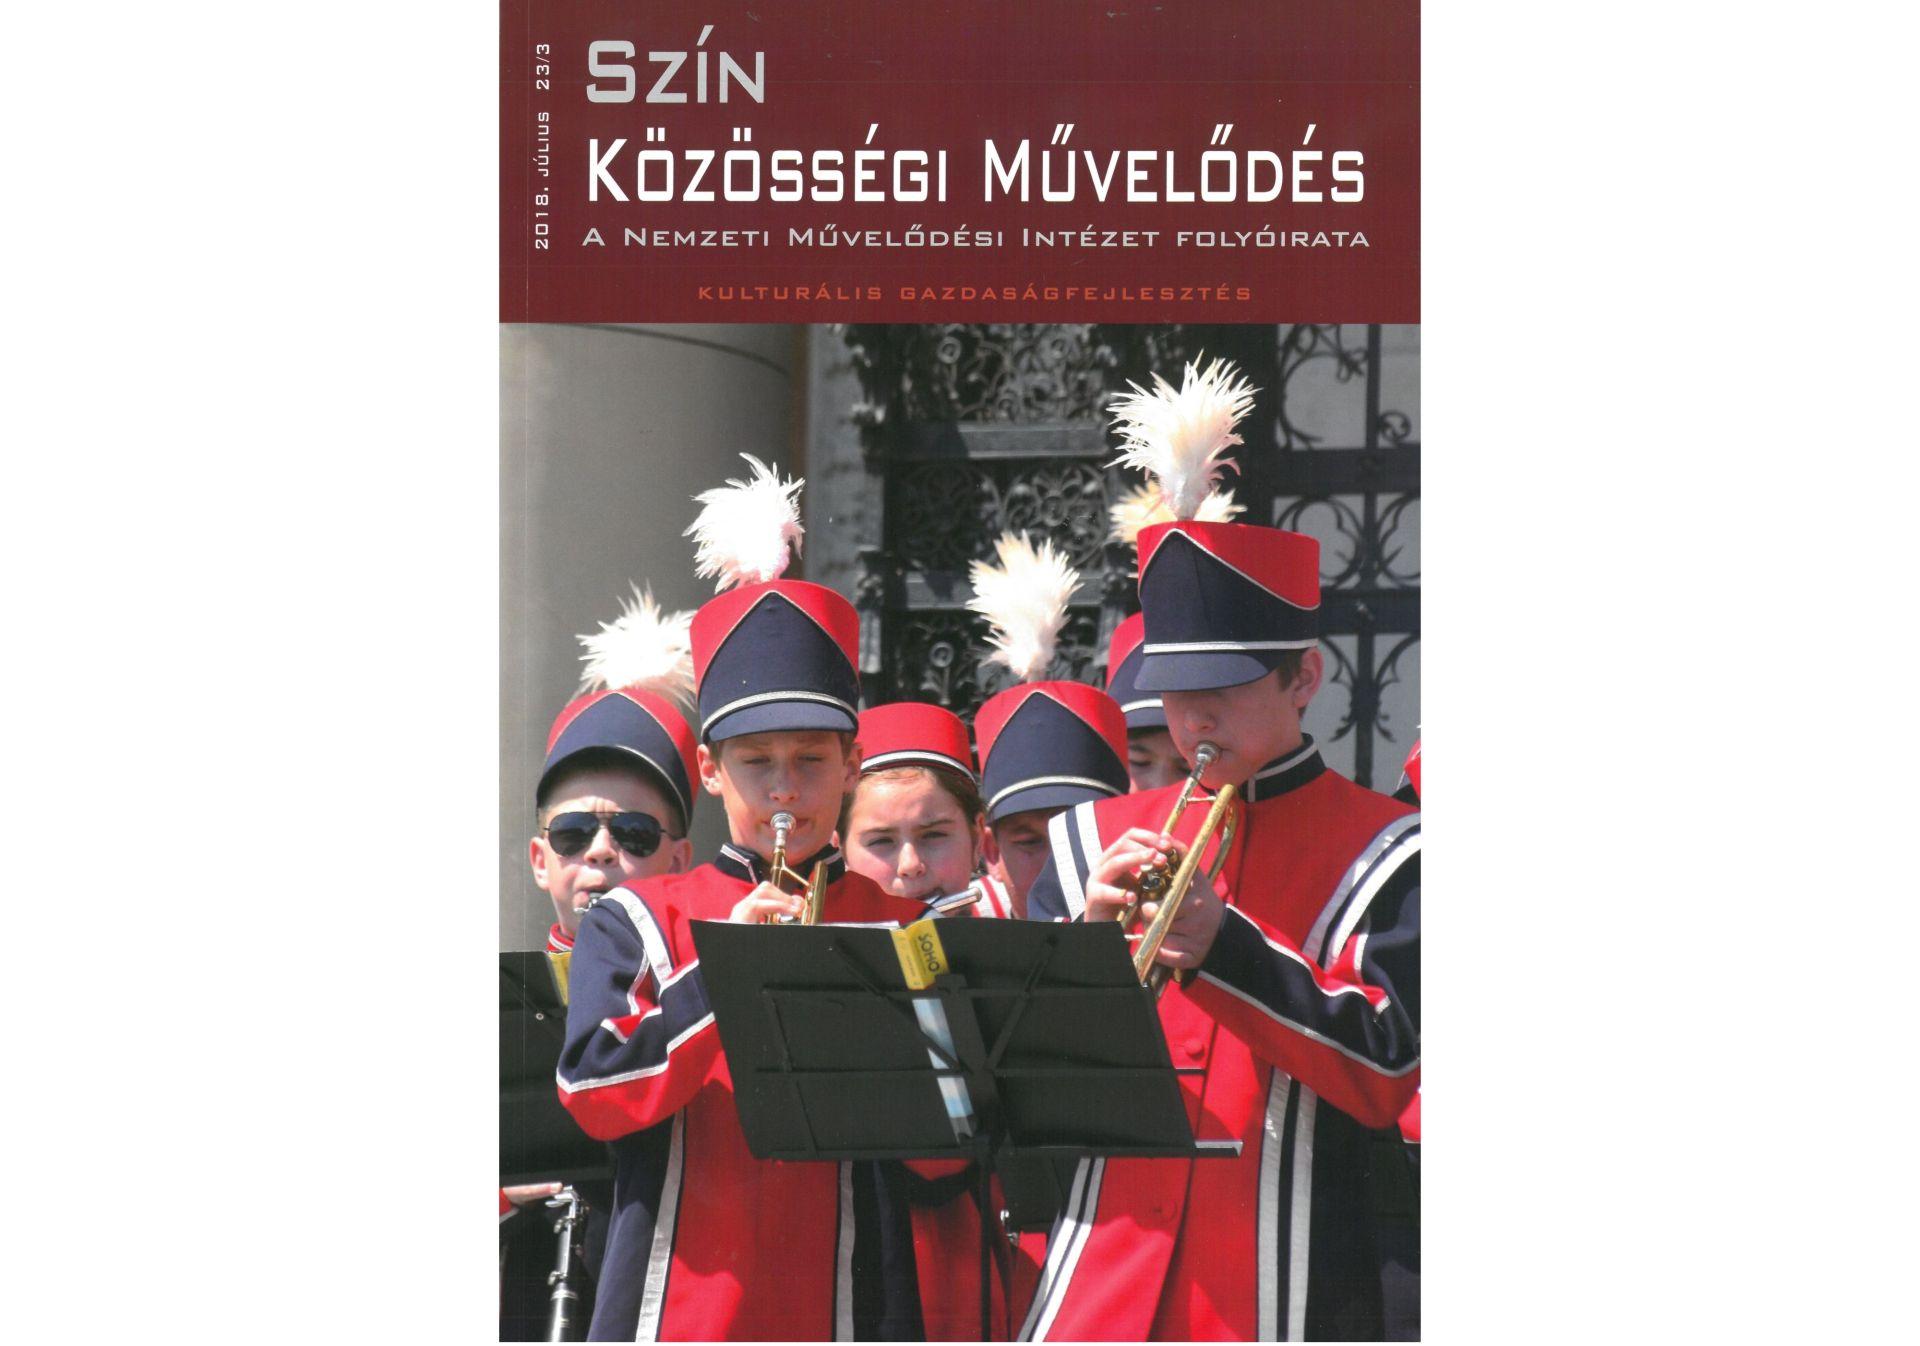 Kulturális gazdaságfejlesztésről szóló cikkek a Szín Közösségi Művelődés folyóiratban